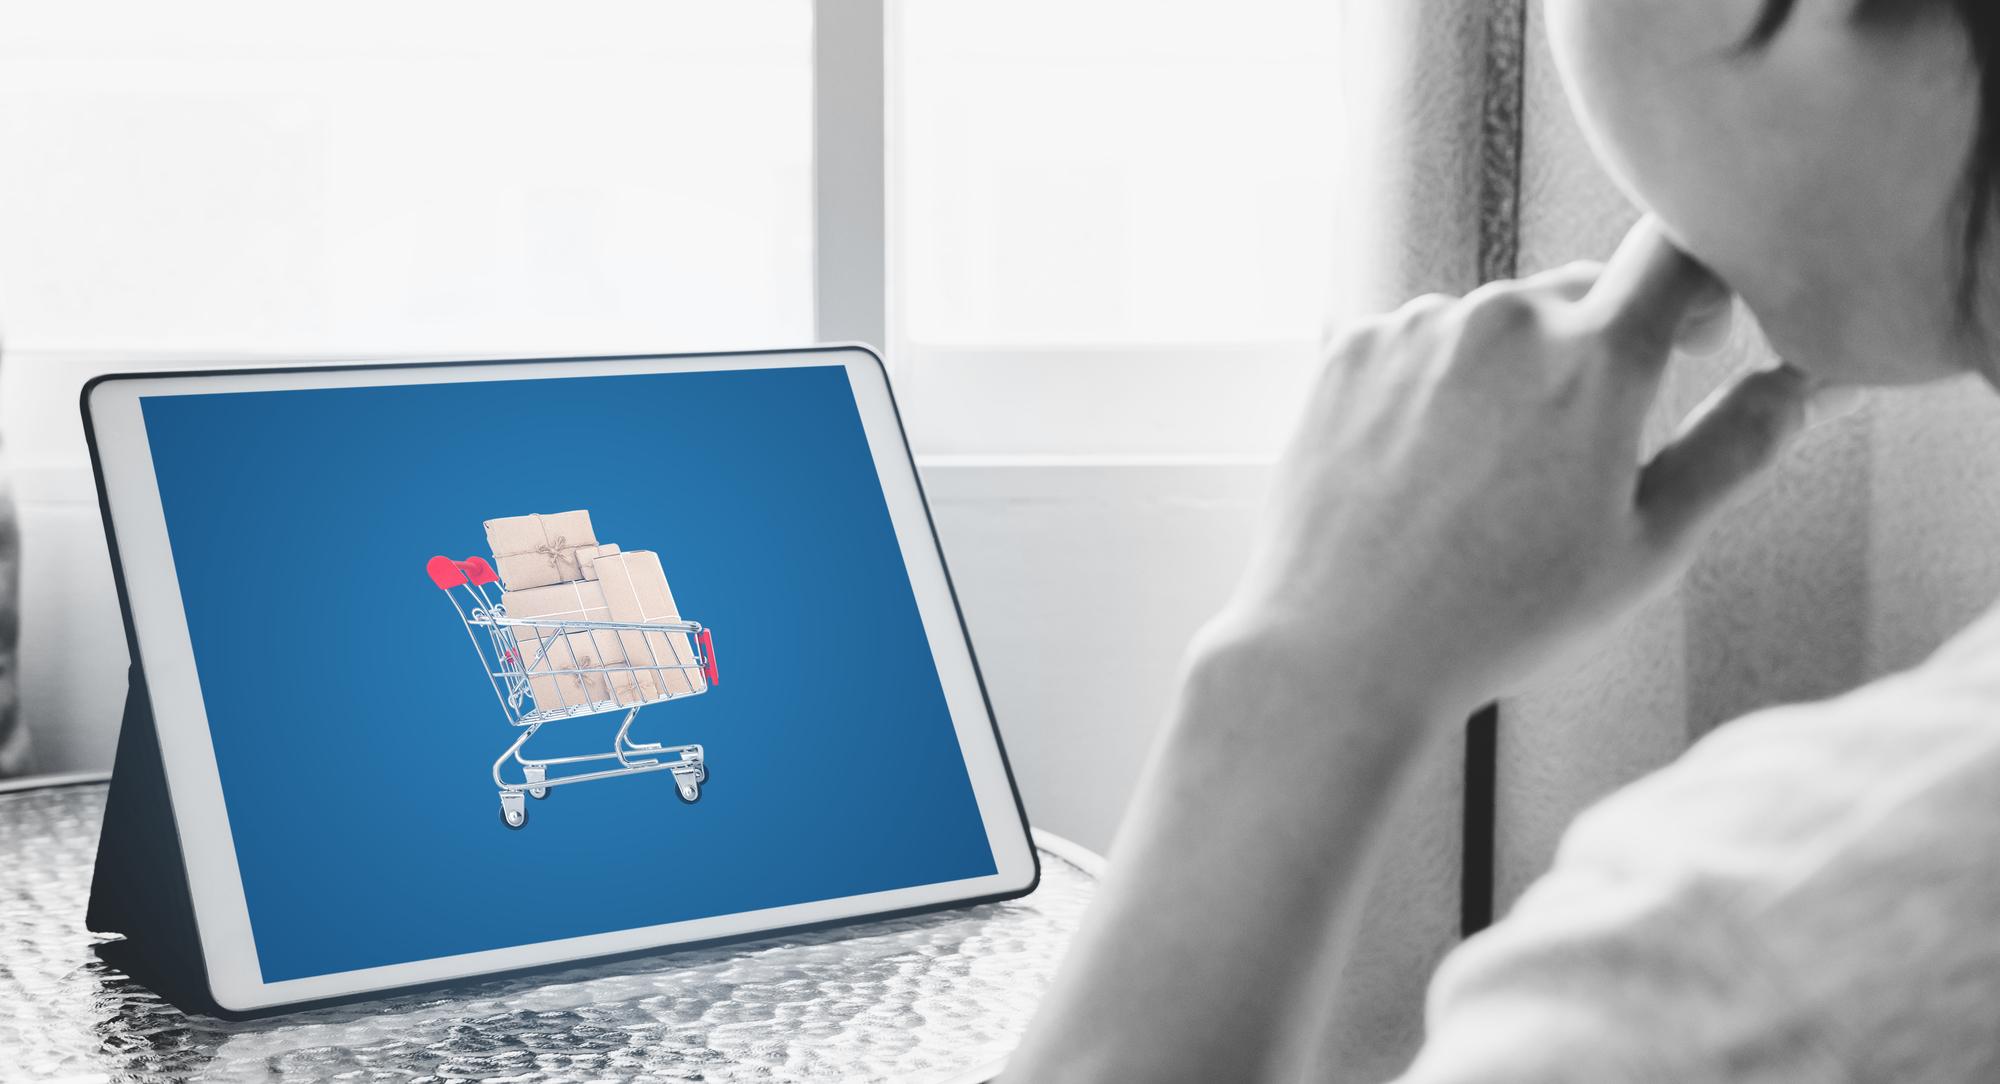 実践!『小売業 オムニチャネル』が倉庫管理システム(WMS)導入を成功させるポイント